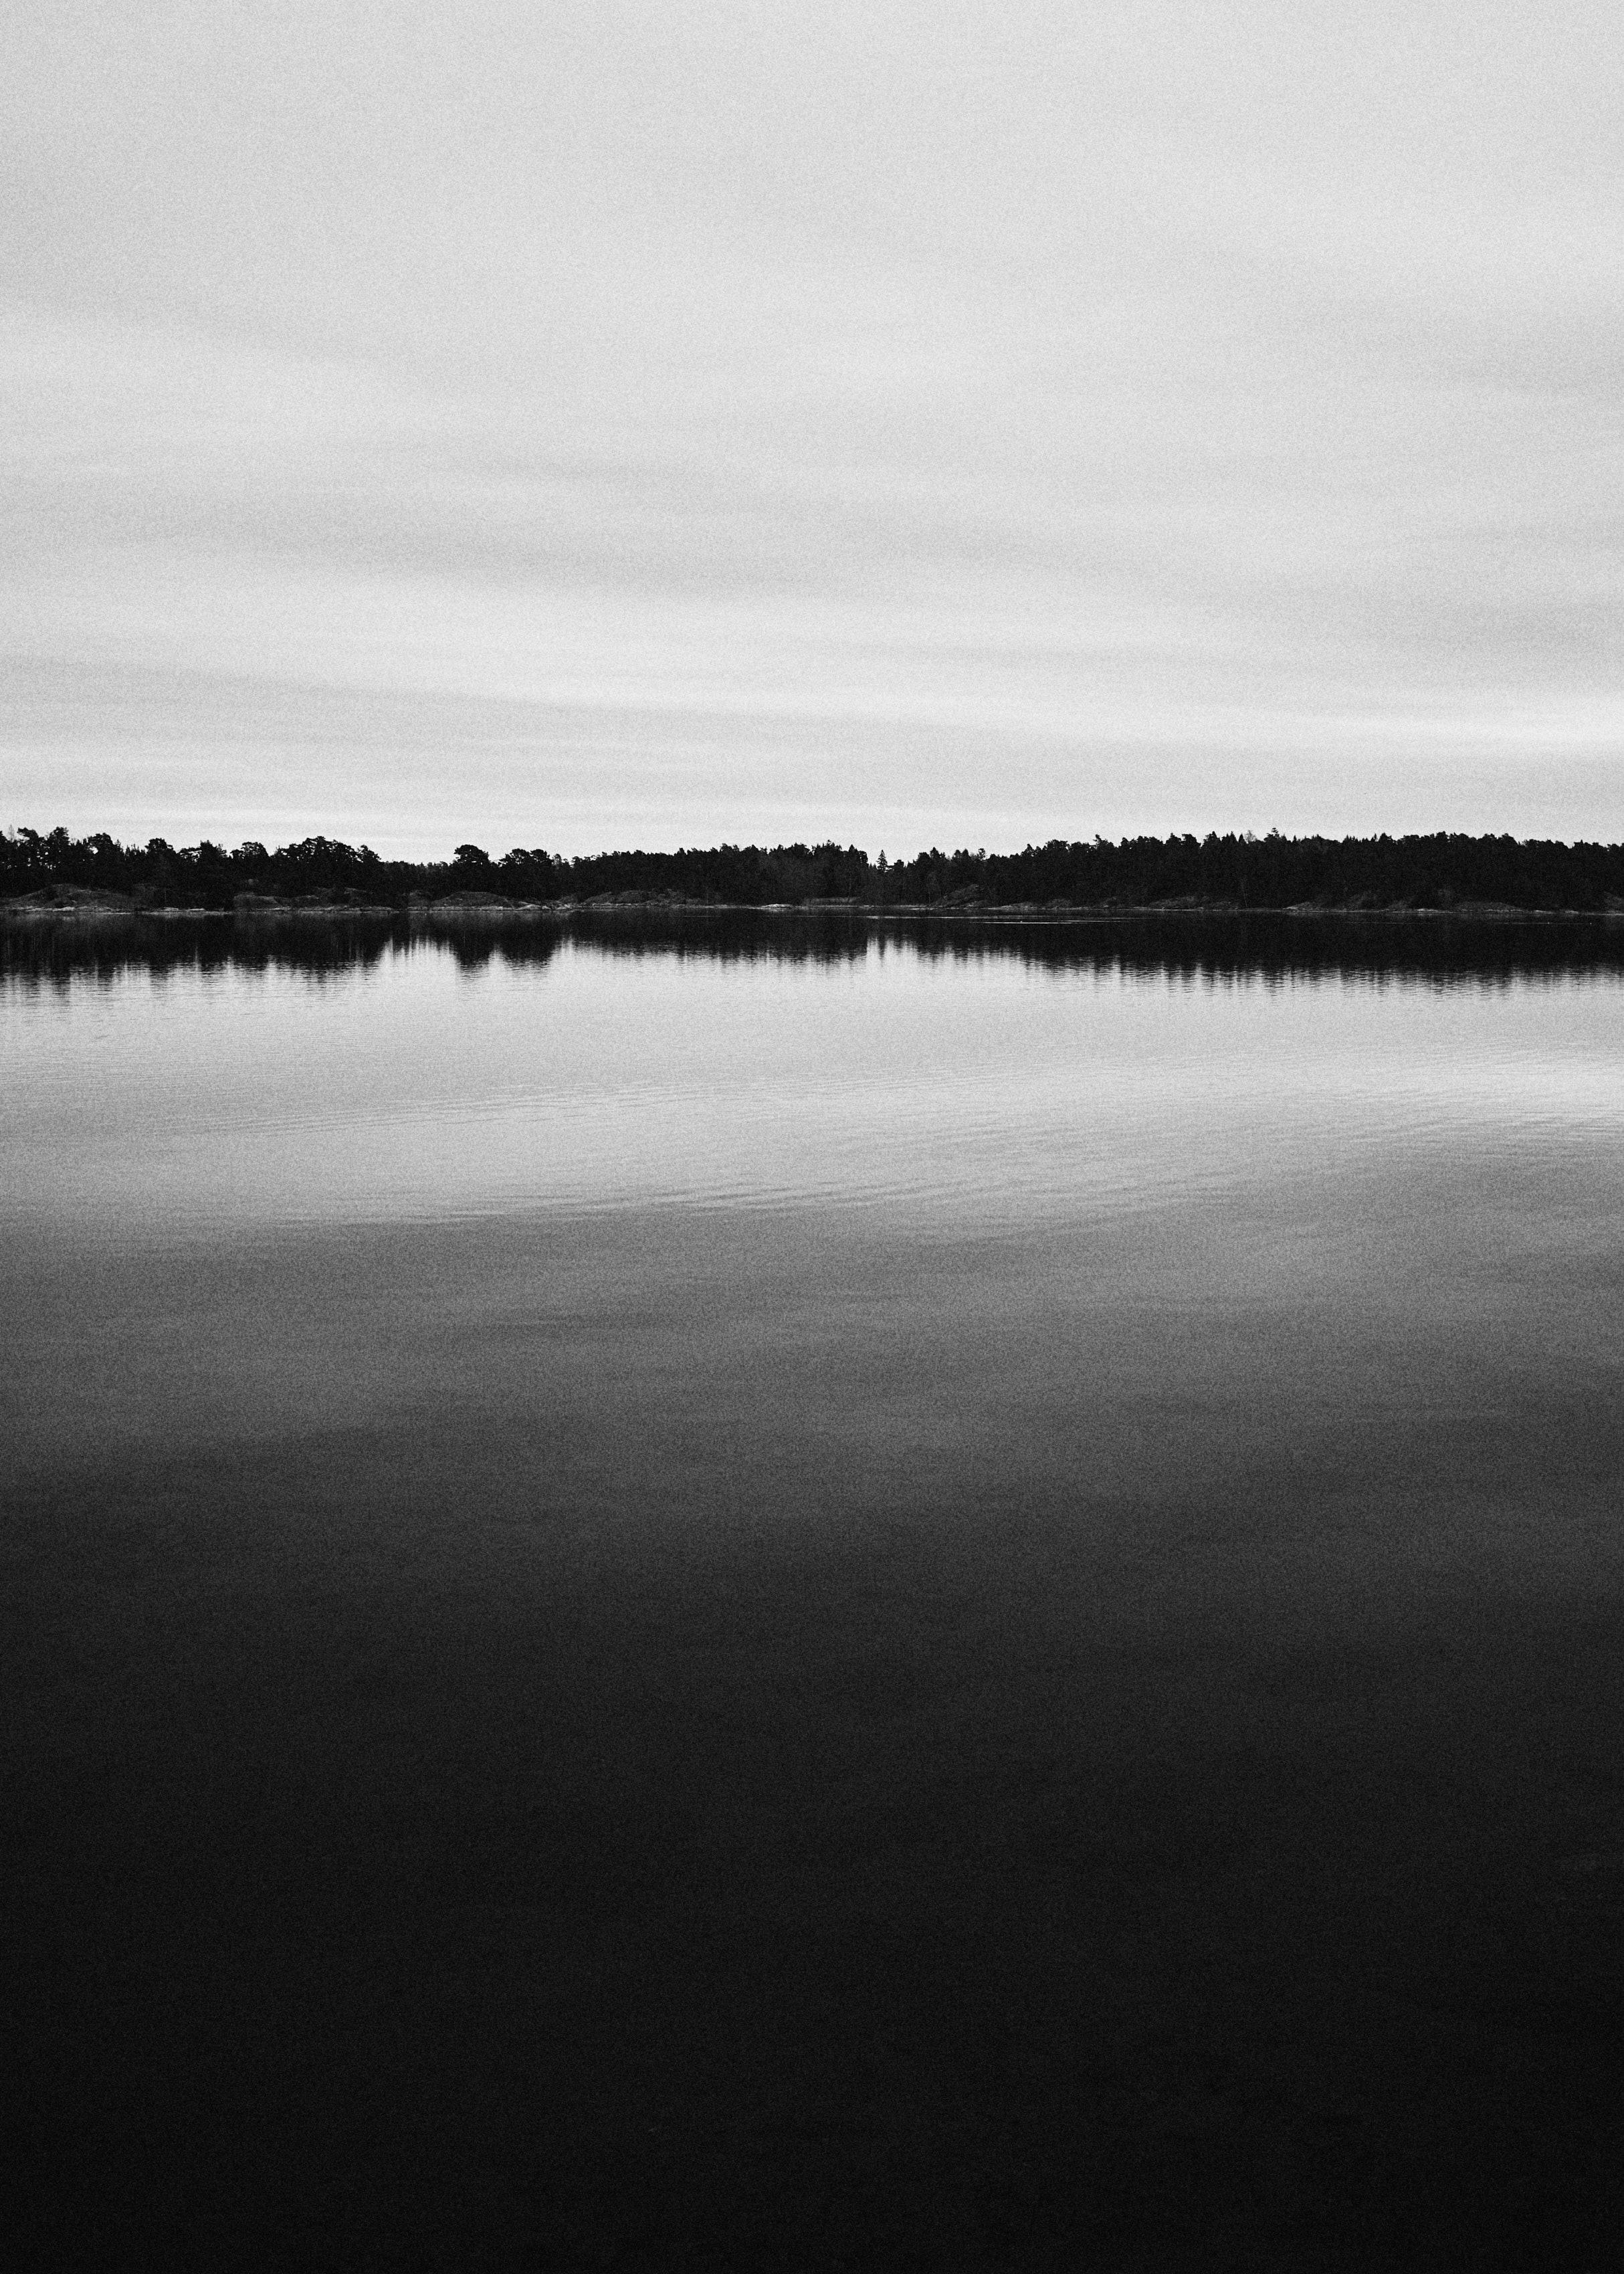 Landscape_DSF7059_KRISTOFER SAMUELSSON PHOTOGRAPHY.jpg